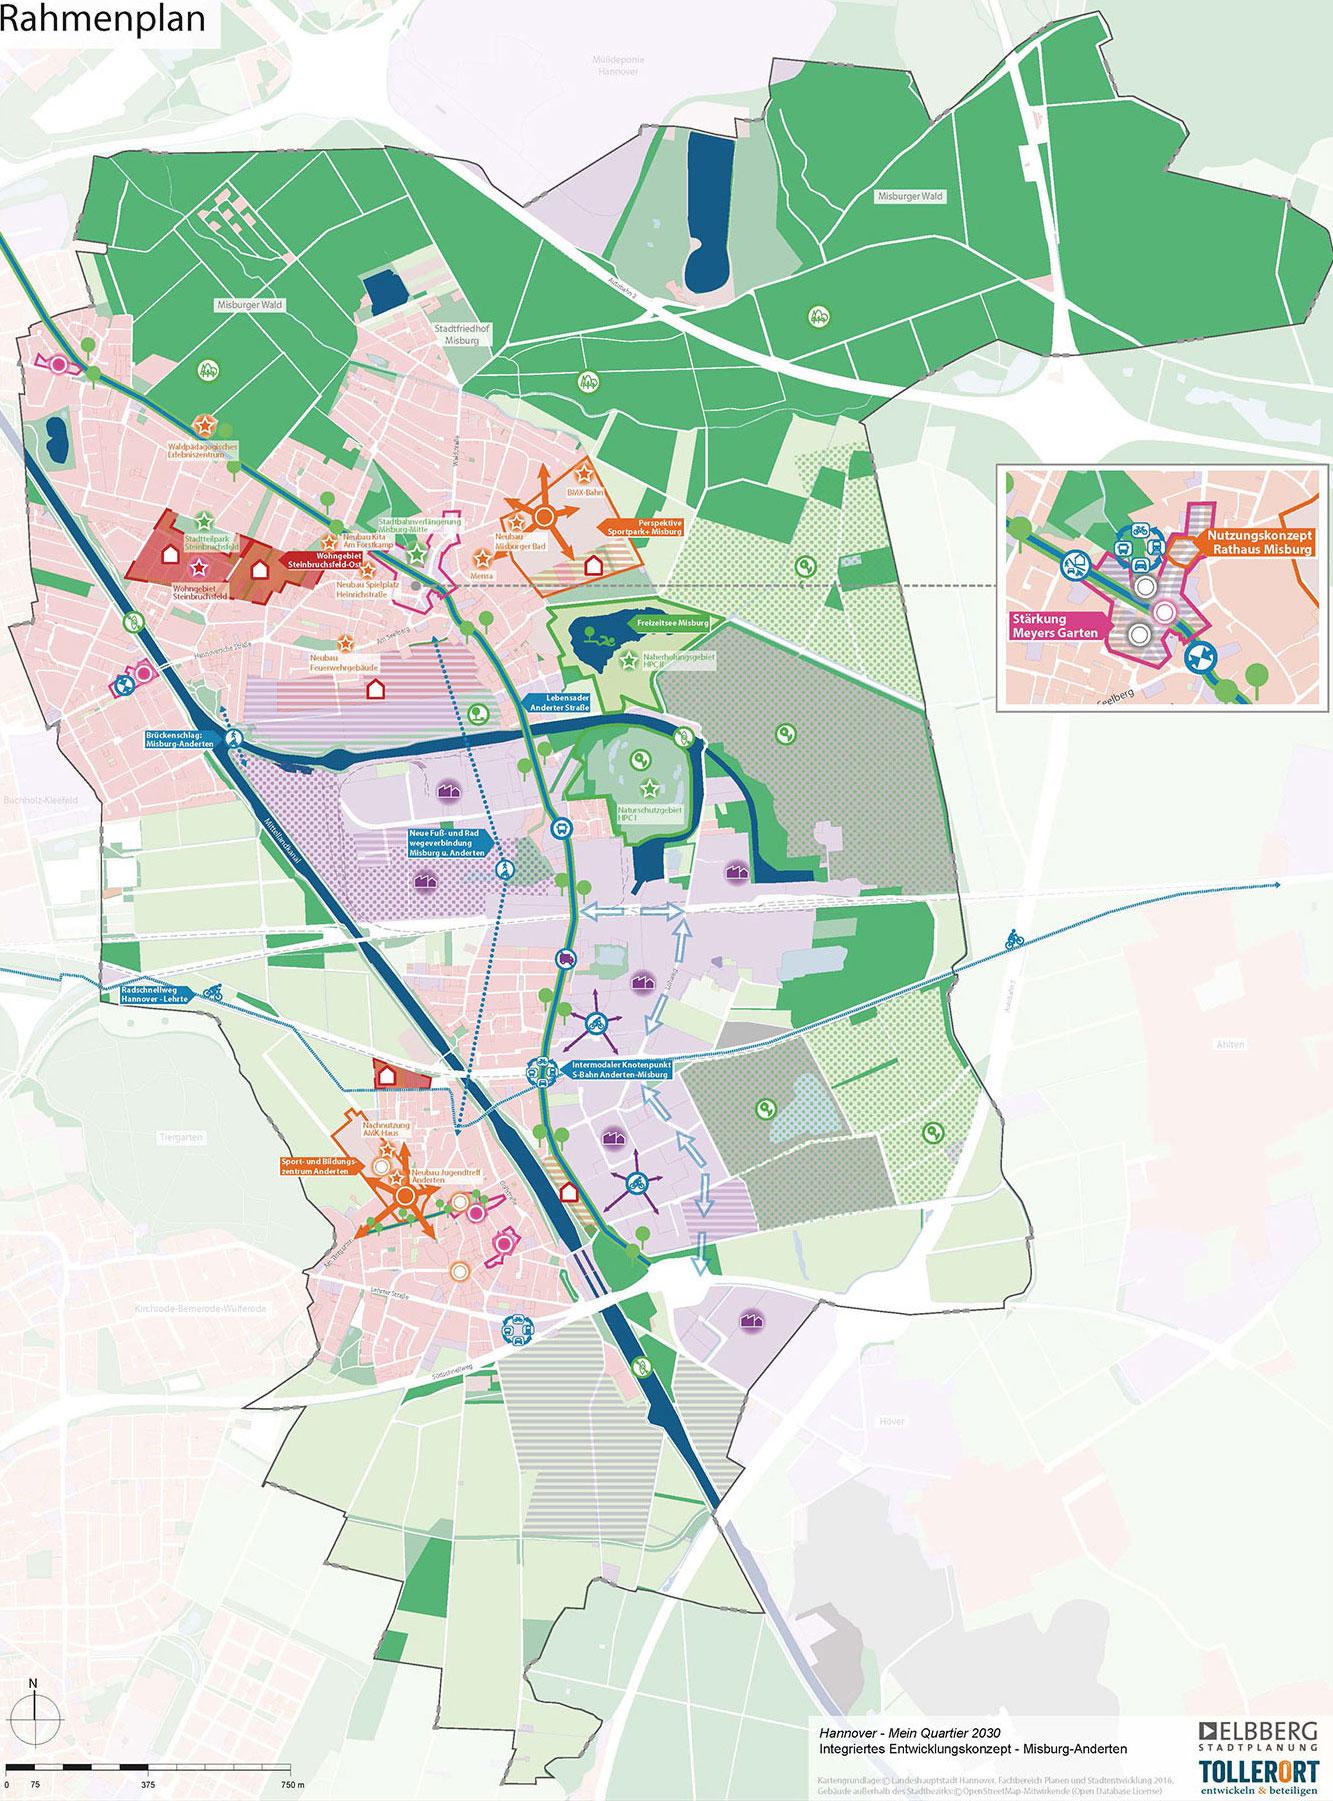 Kartenansicht der Stadtteile Anderten, Misburg-Süd, Misburg-Nord